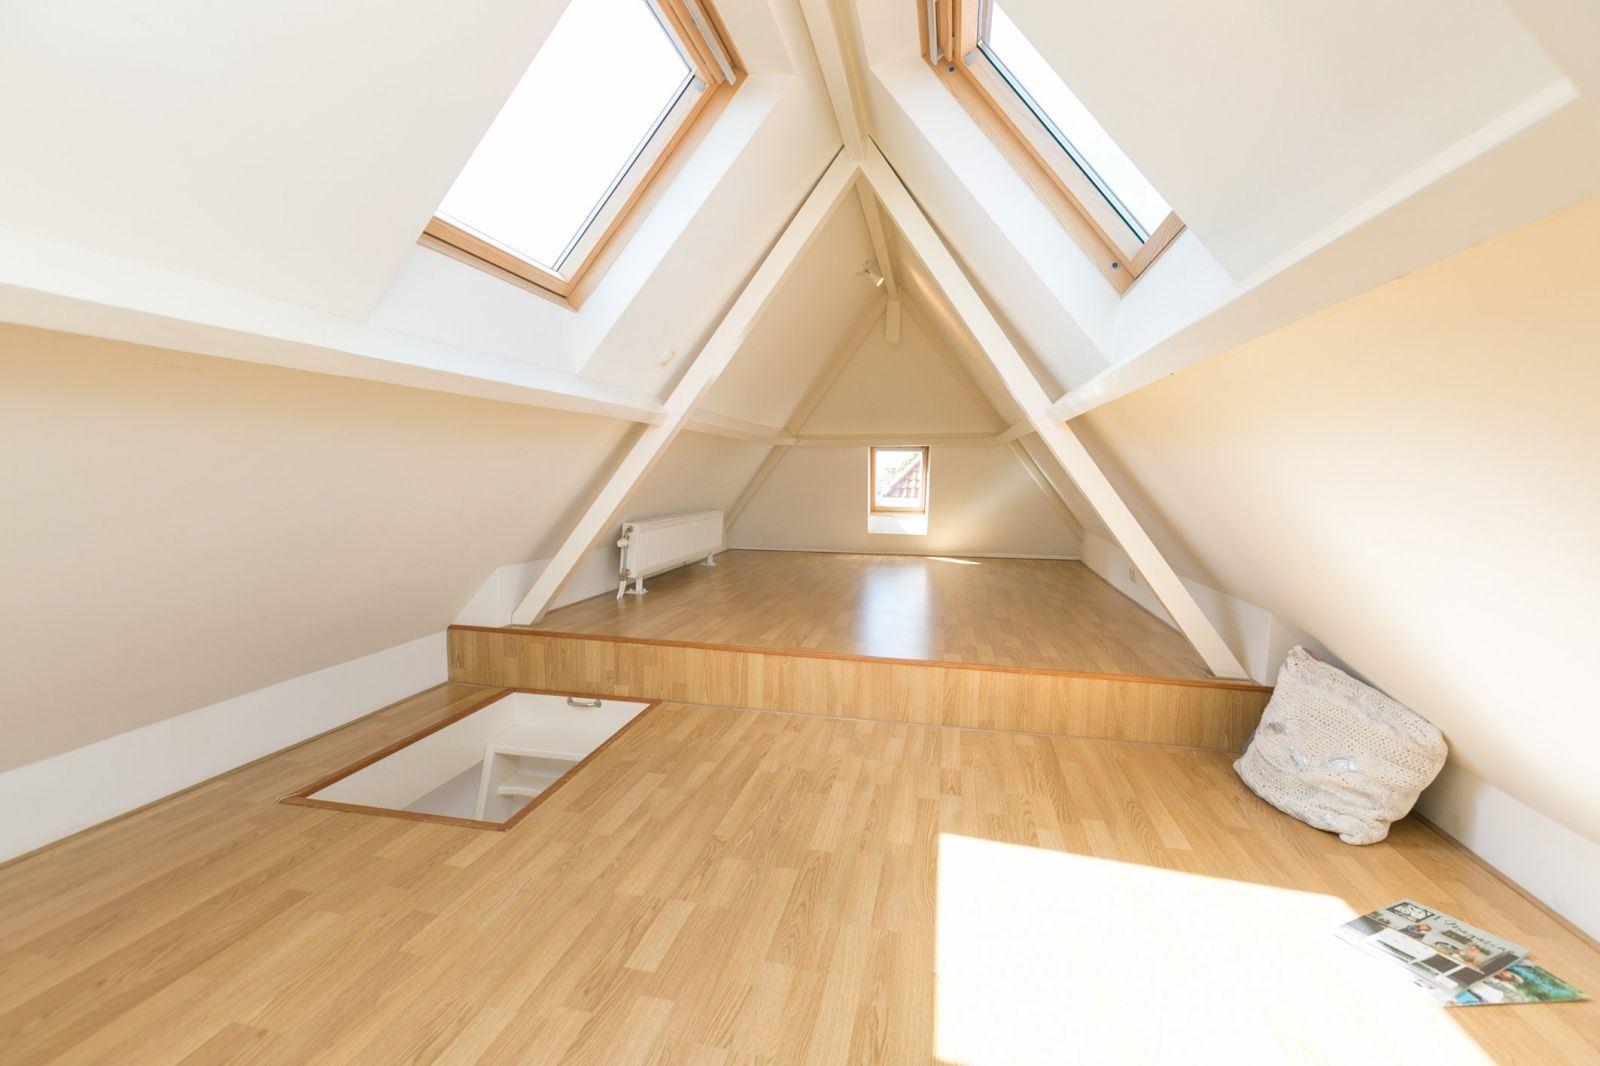 Witte puvloer in combi met parket attic in t house